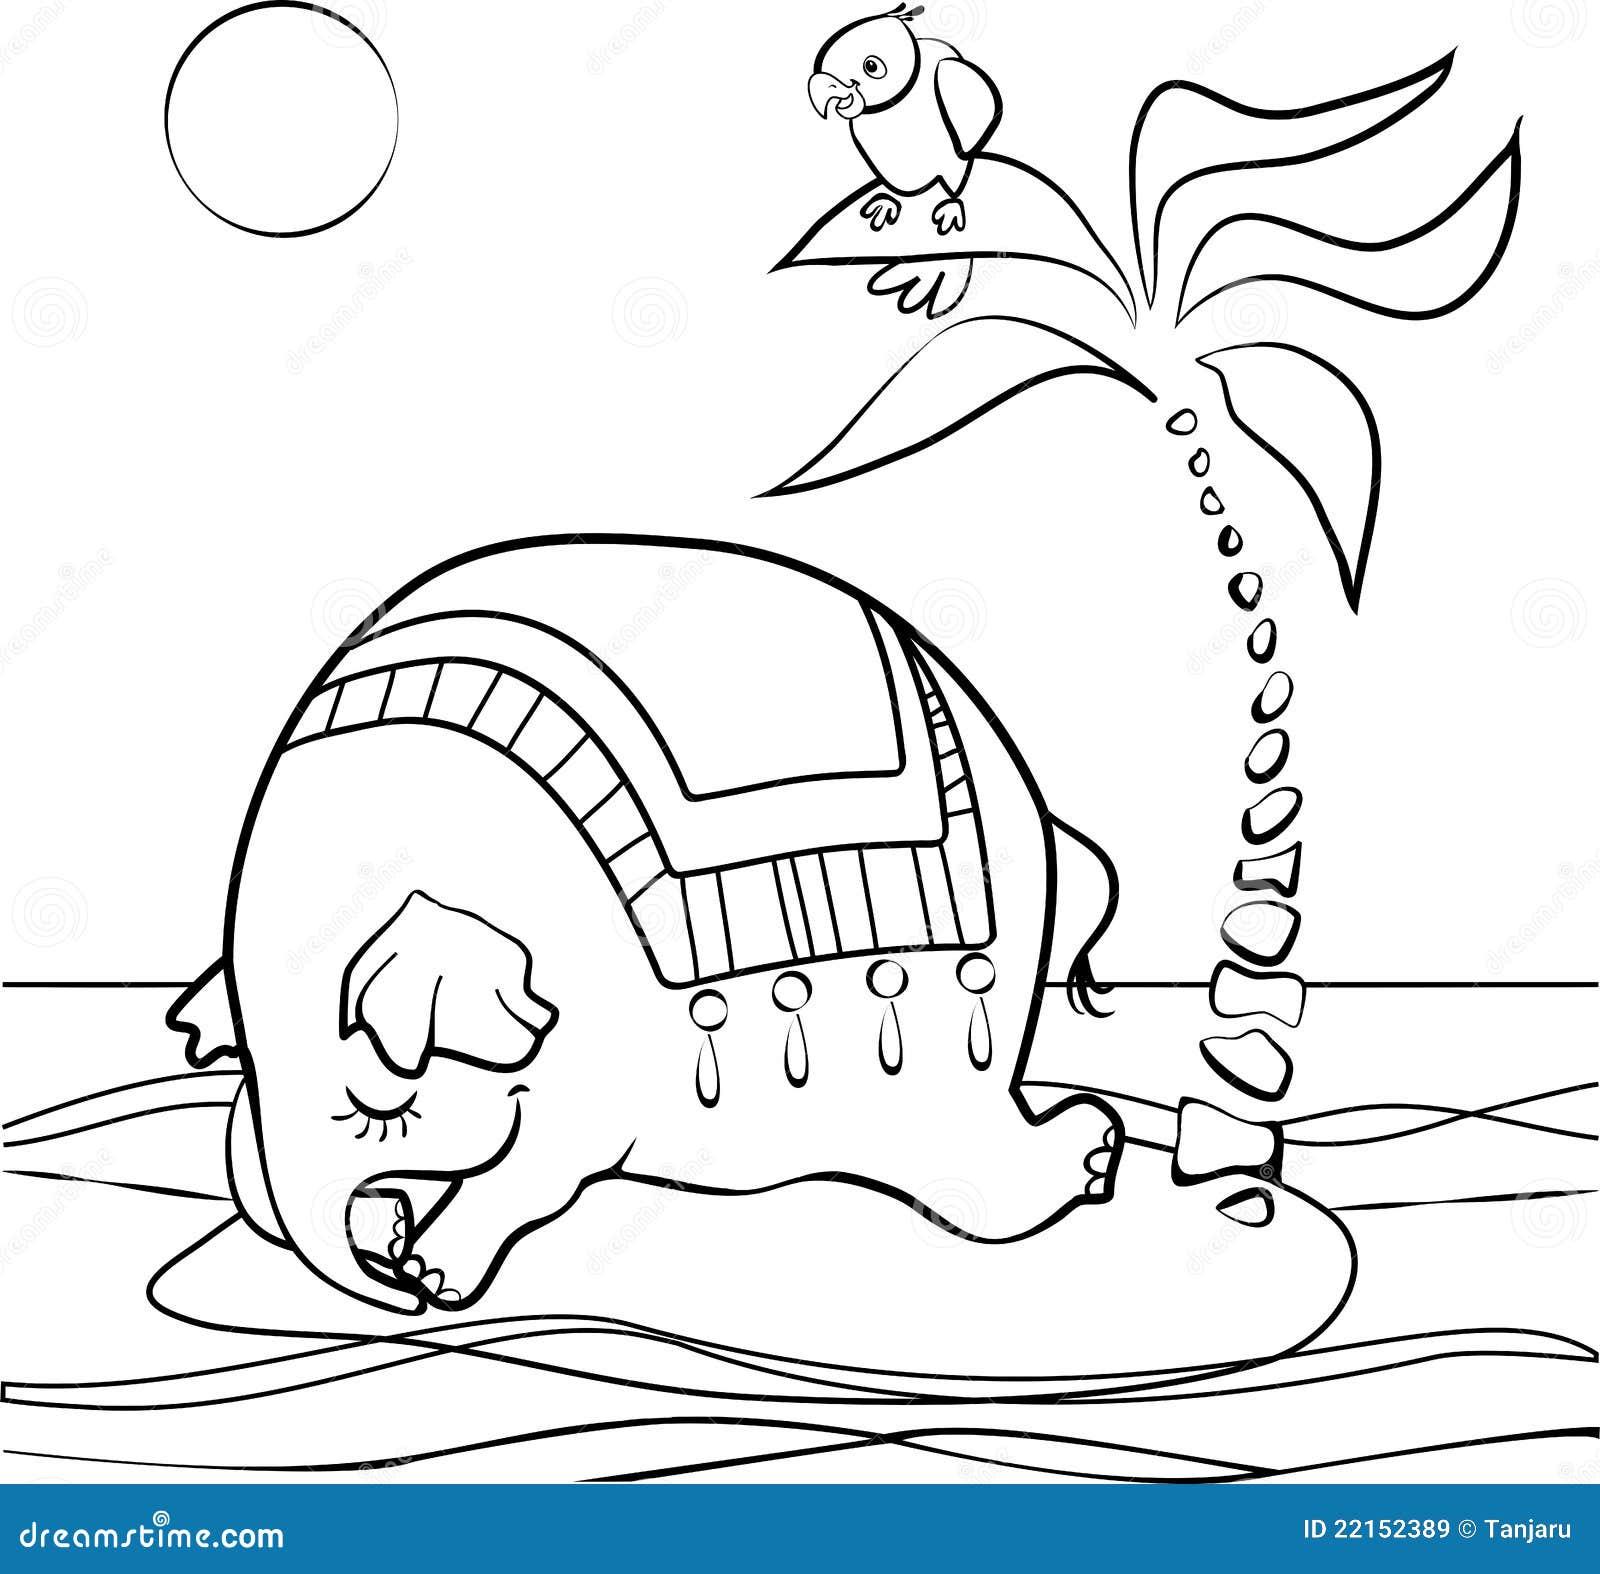 Sleeping Elephant Royalty Free Stock Images - Image: 22152389